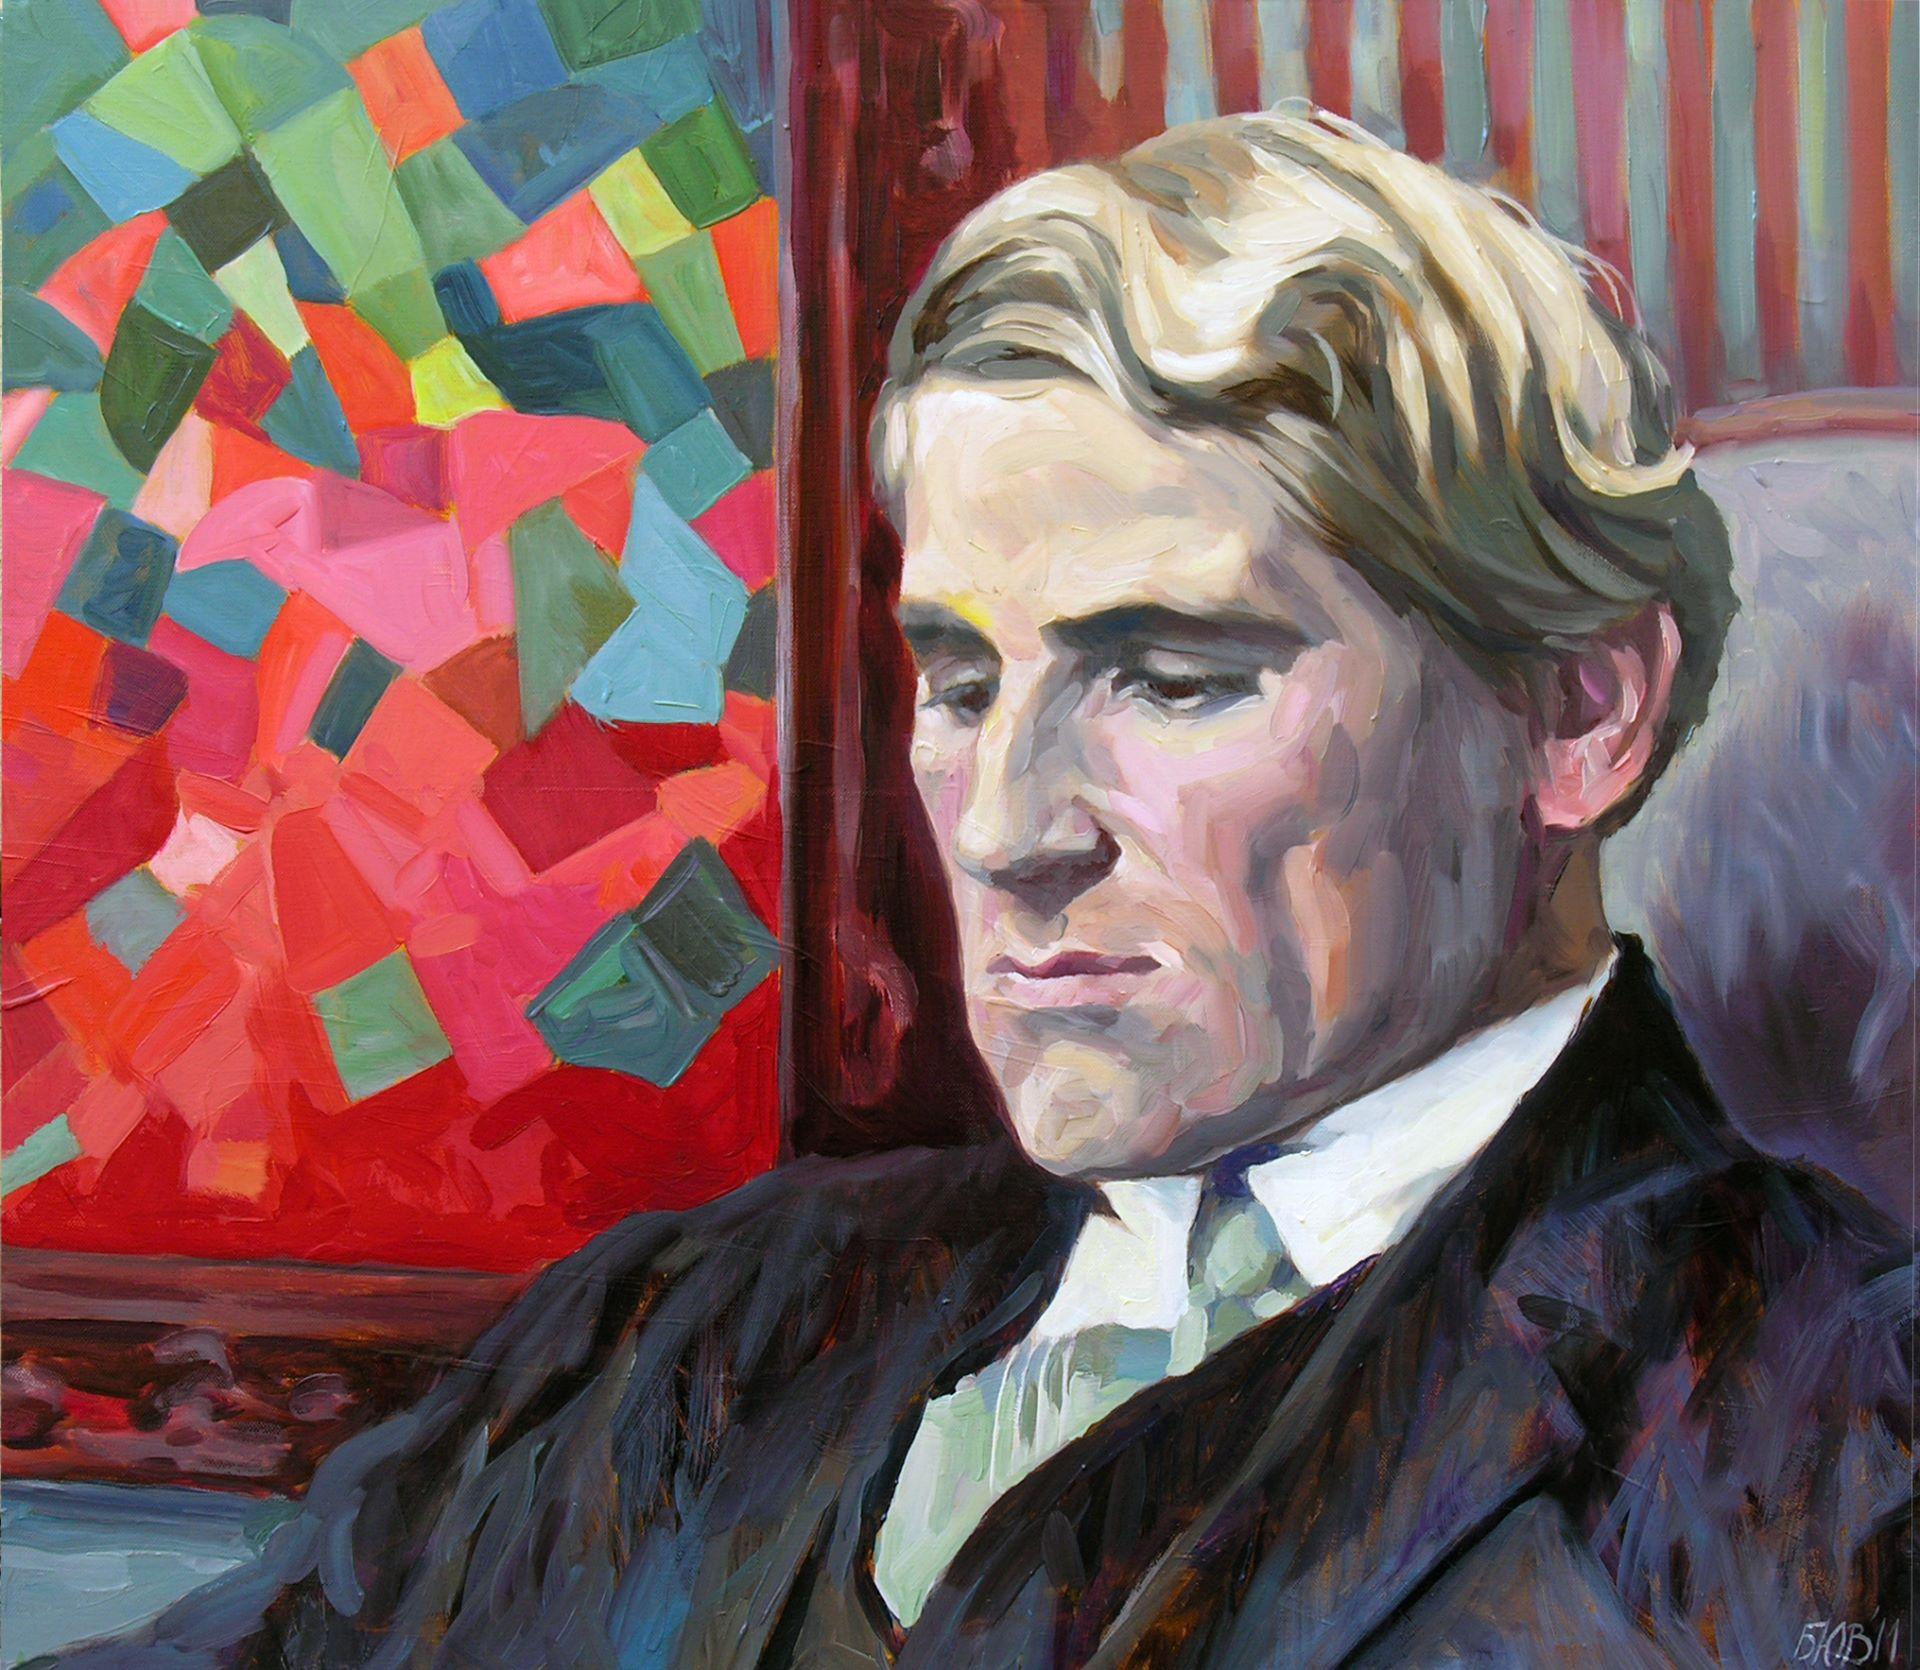 Gemälde von Julia Belot: Otto Freundlich, Öl auf Leinwand, 70 cm x 80 cm, 2011